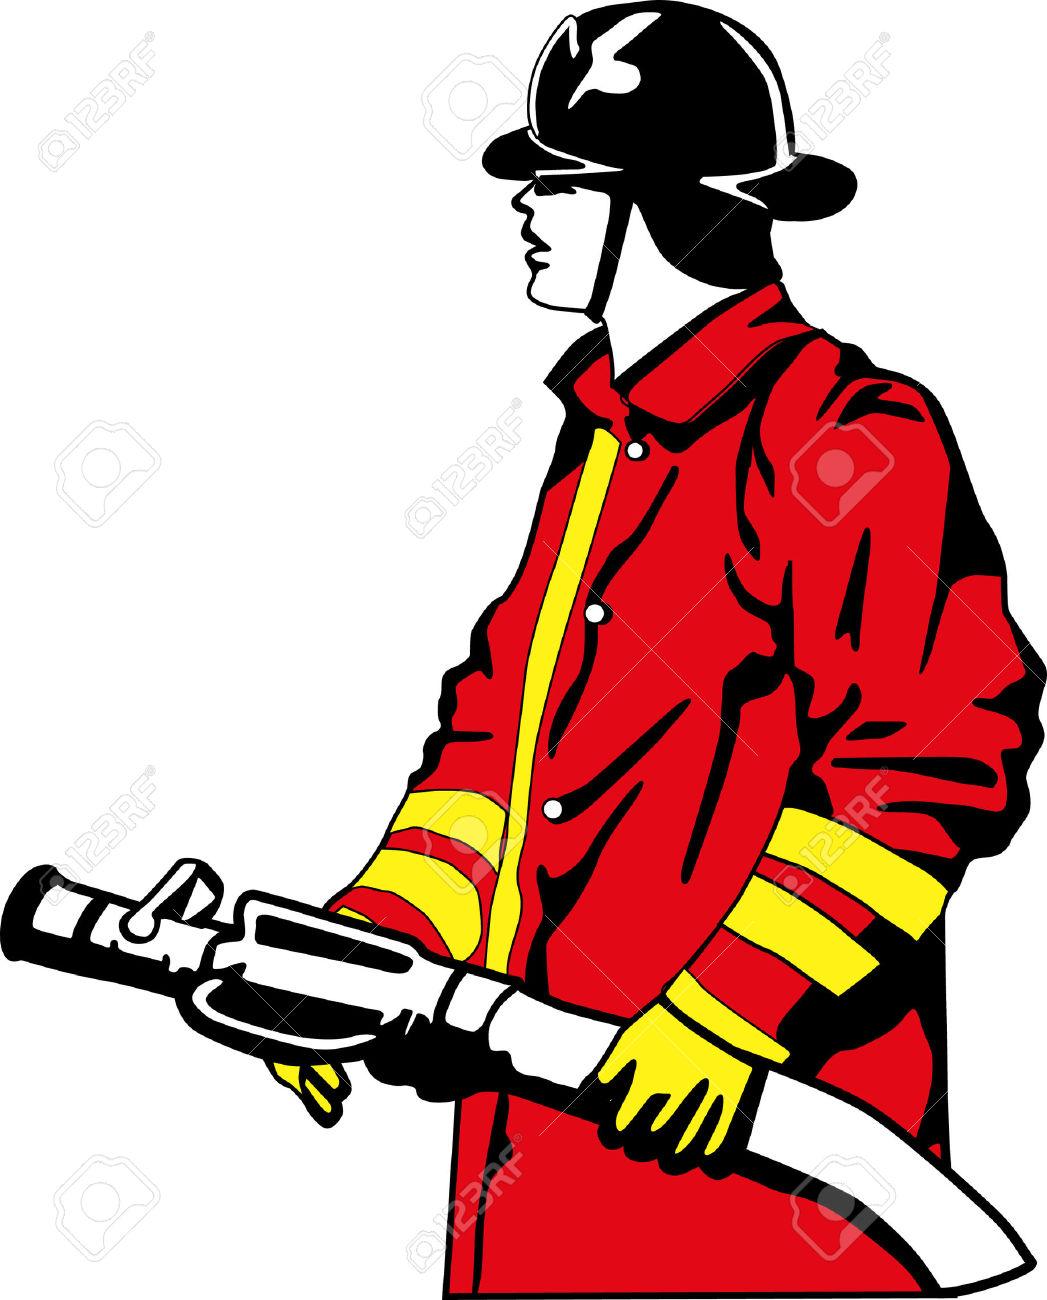 1047x1300 Rescue Clipart